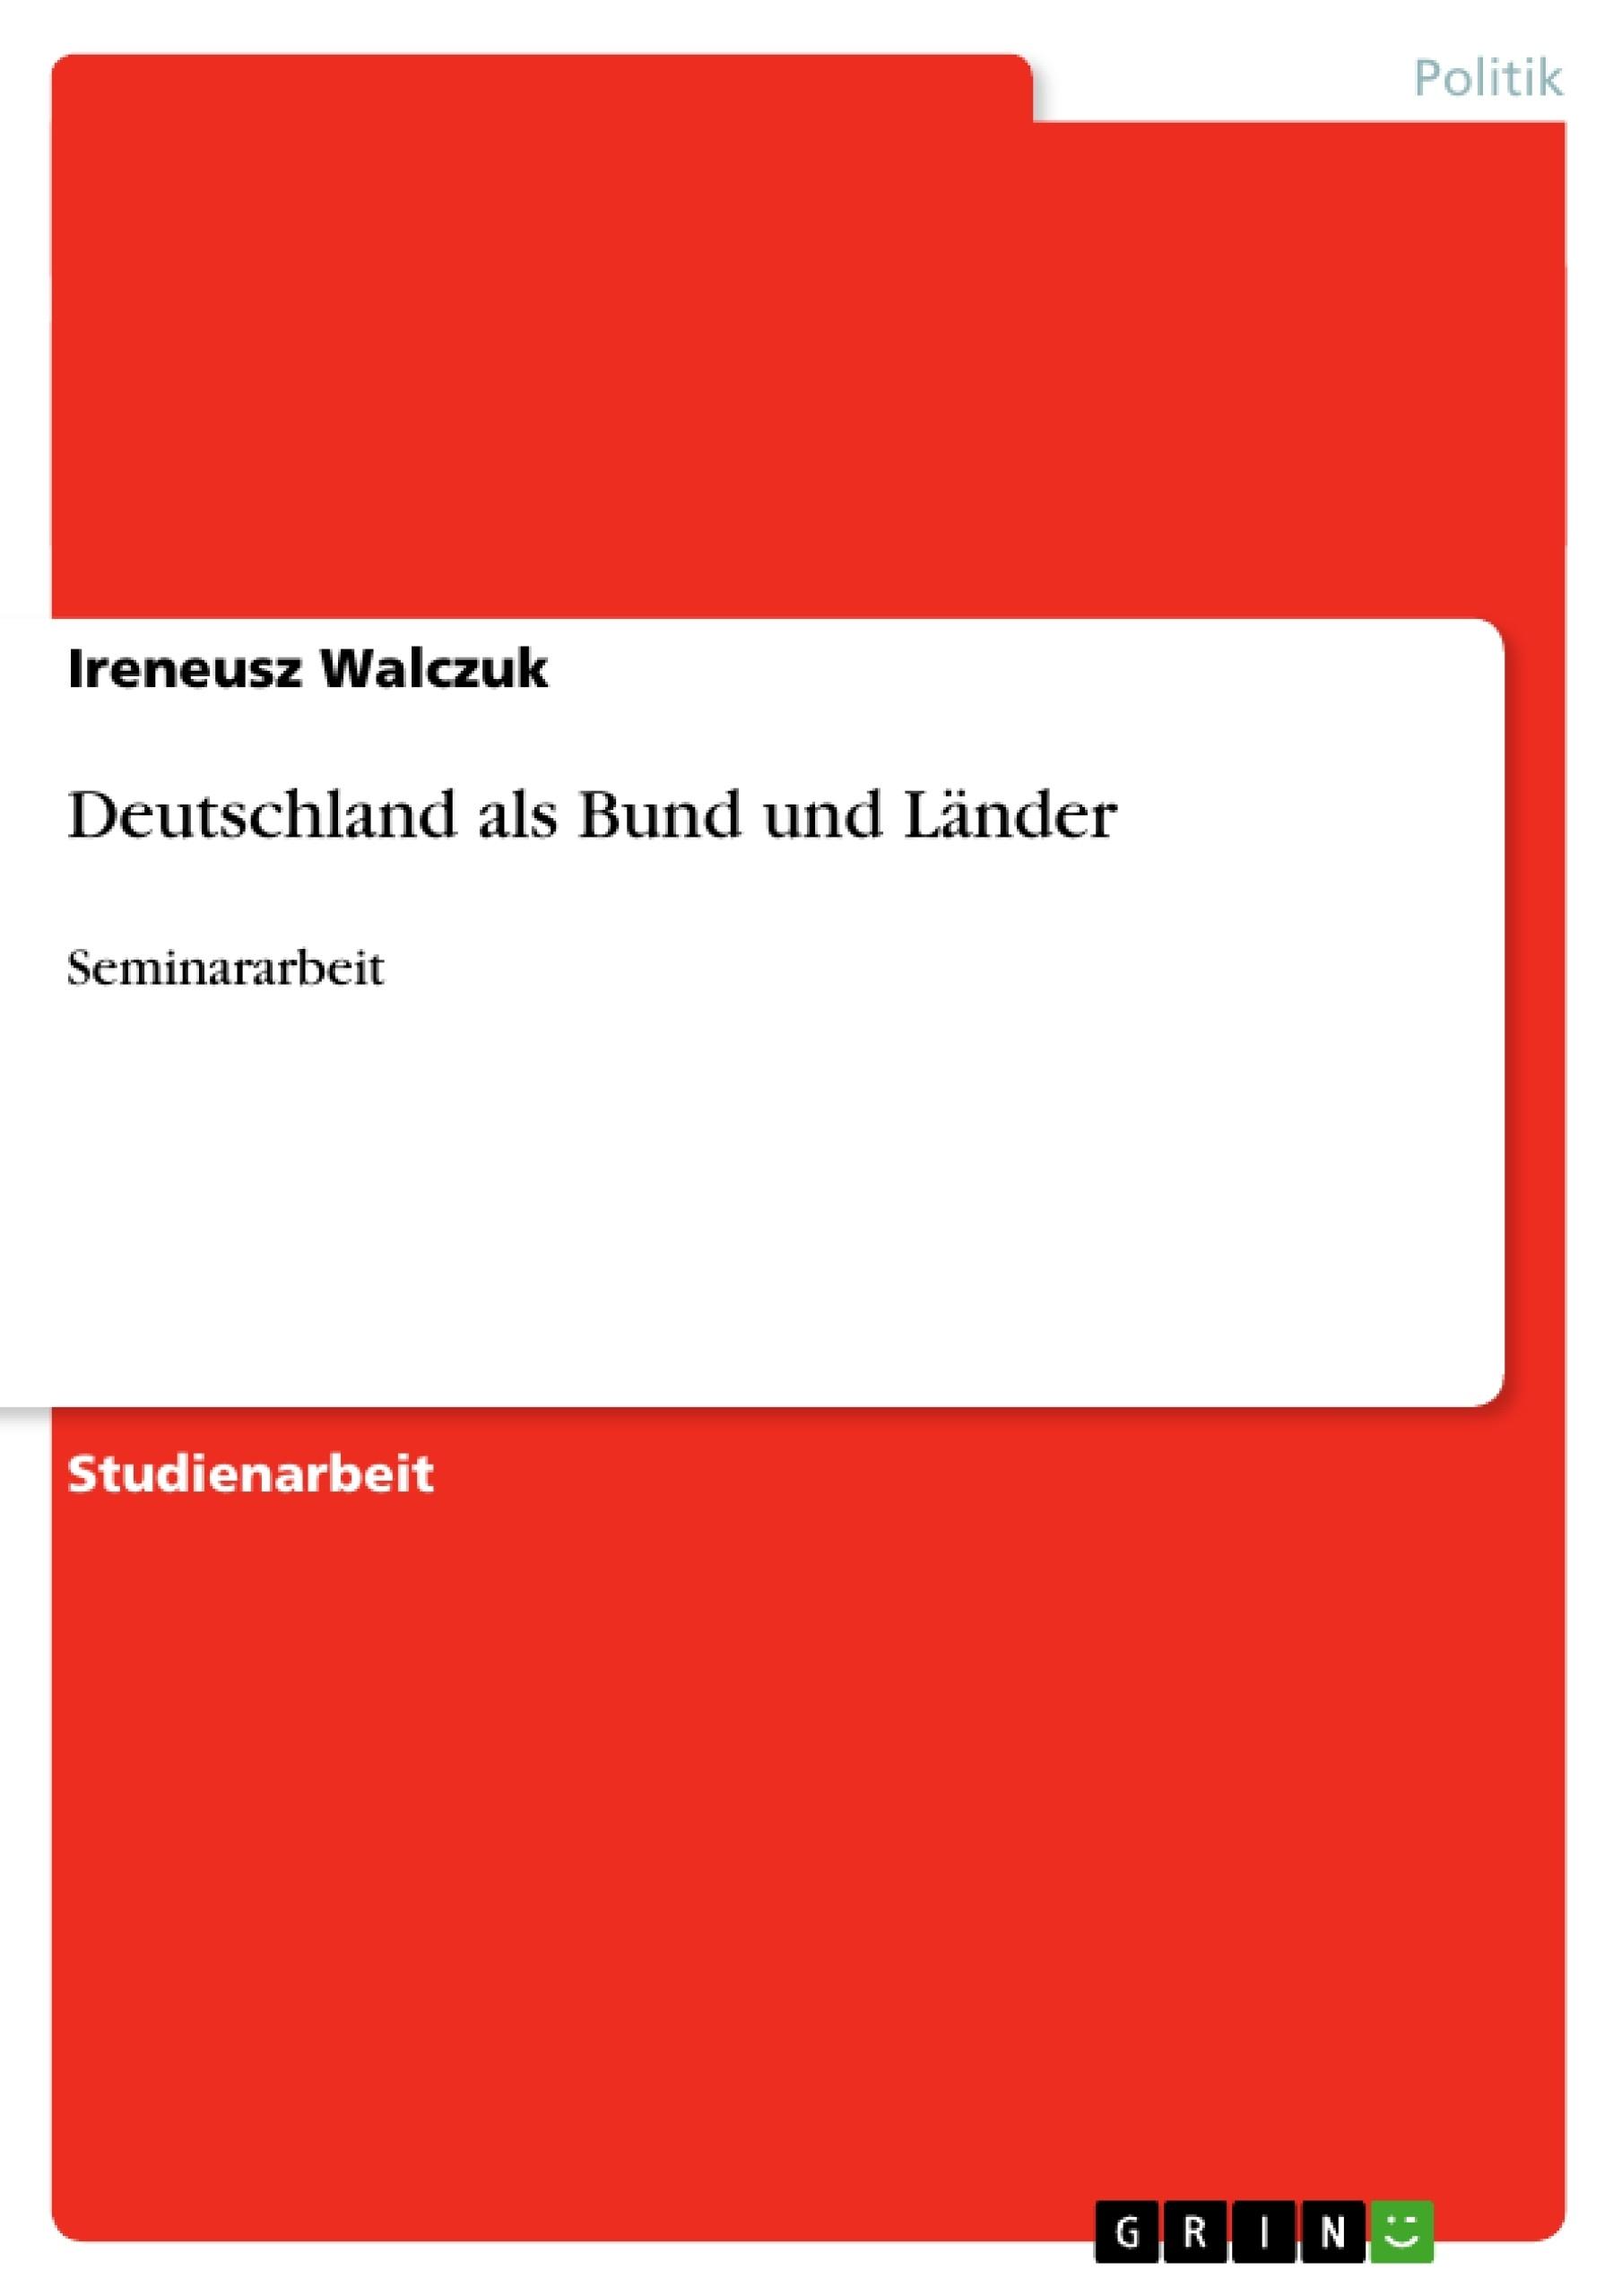 Titel: Deutschland als Bund und Länder